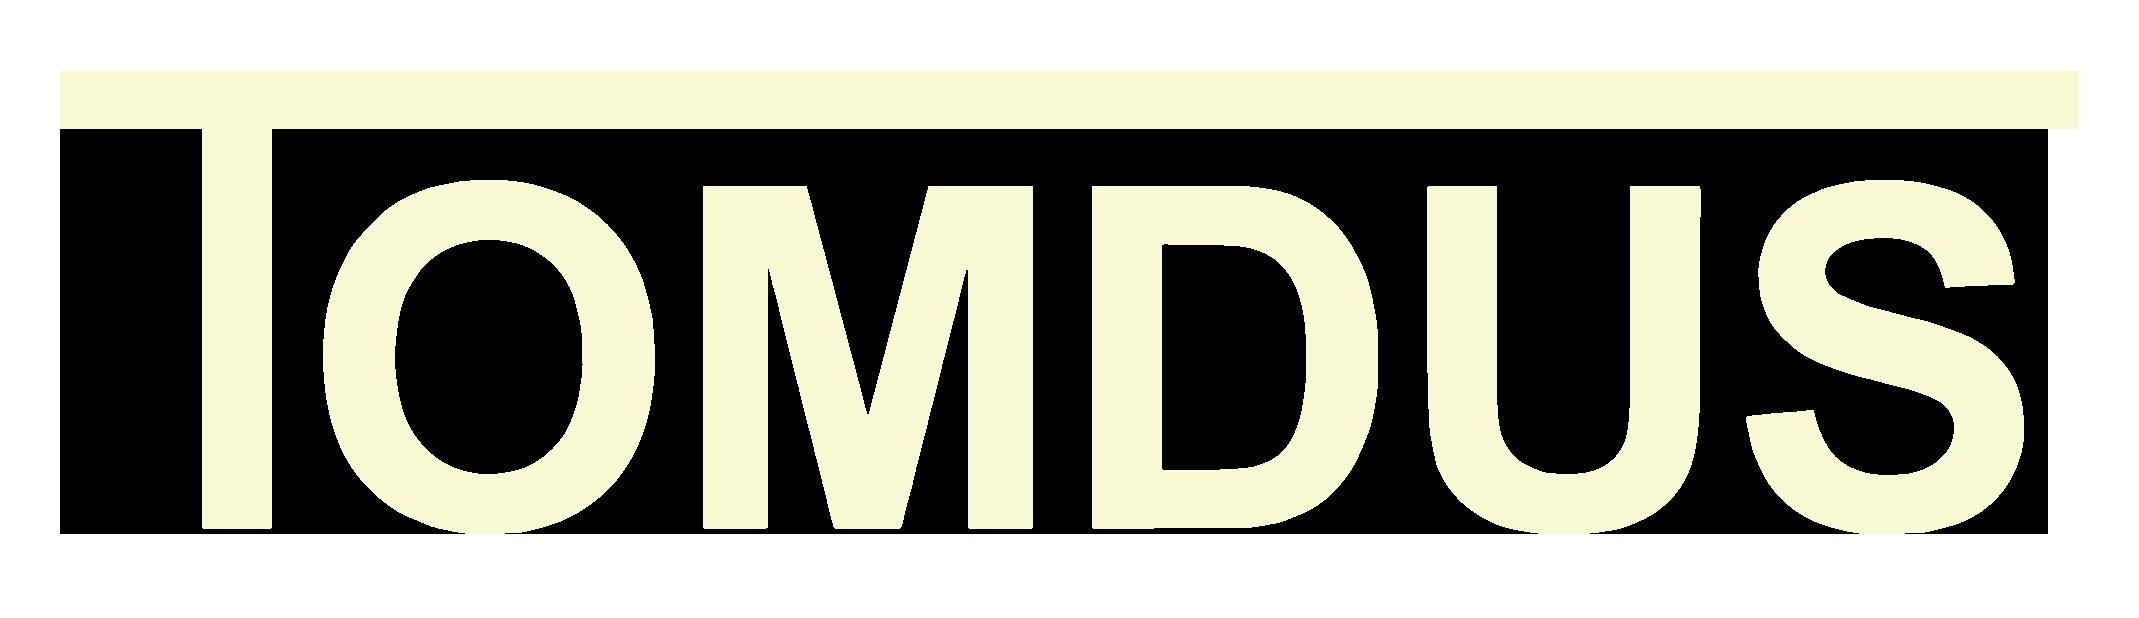 TOMDUS